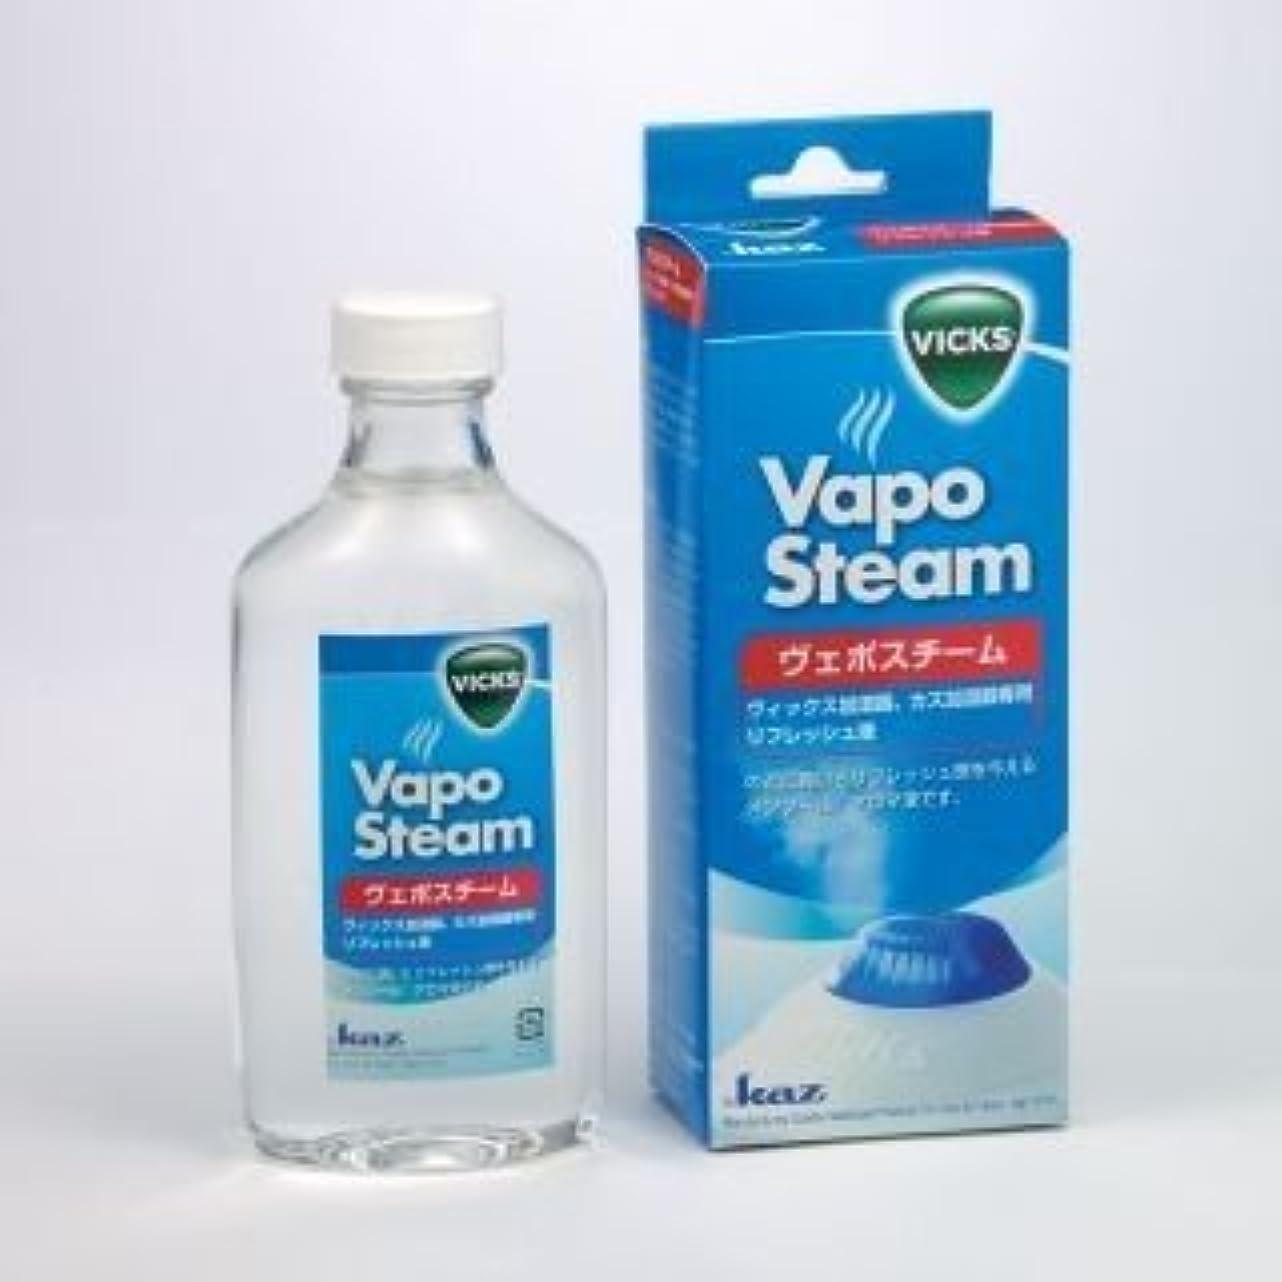 行習熟度緊急喉に潤いとリフレッシュ感を与えるアロマテラピー液!加湿器から噴出されるスチームとともにメンソール成分の入ったリフレッシュ液の香りが一緒に発散!【4個セット】